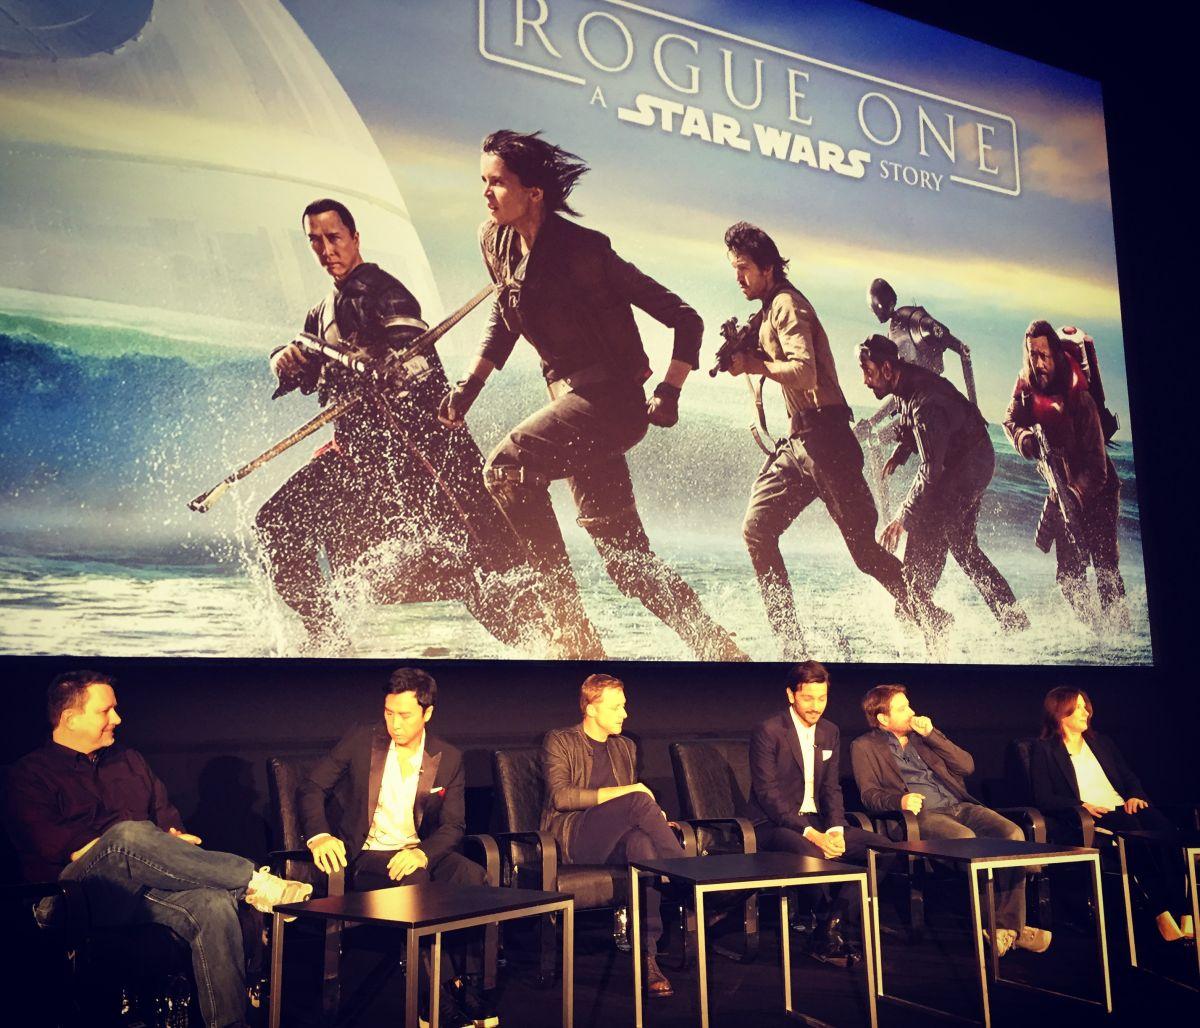 Diego Luna, cuarto por la izquierda, durante la rueda de prensa de Rogue One: A Star Wars Story.